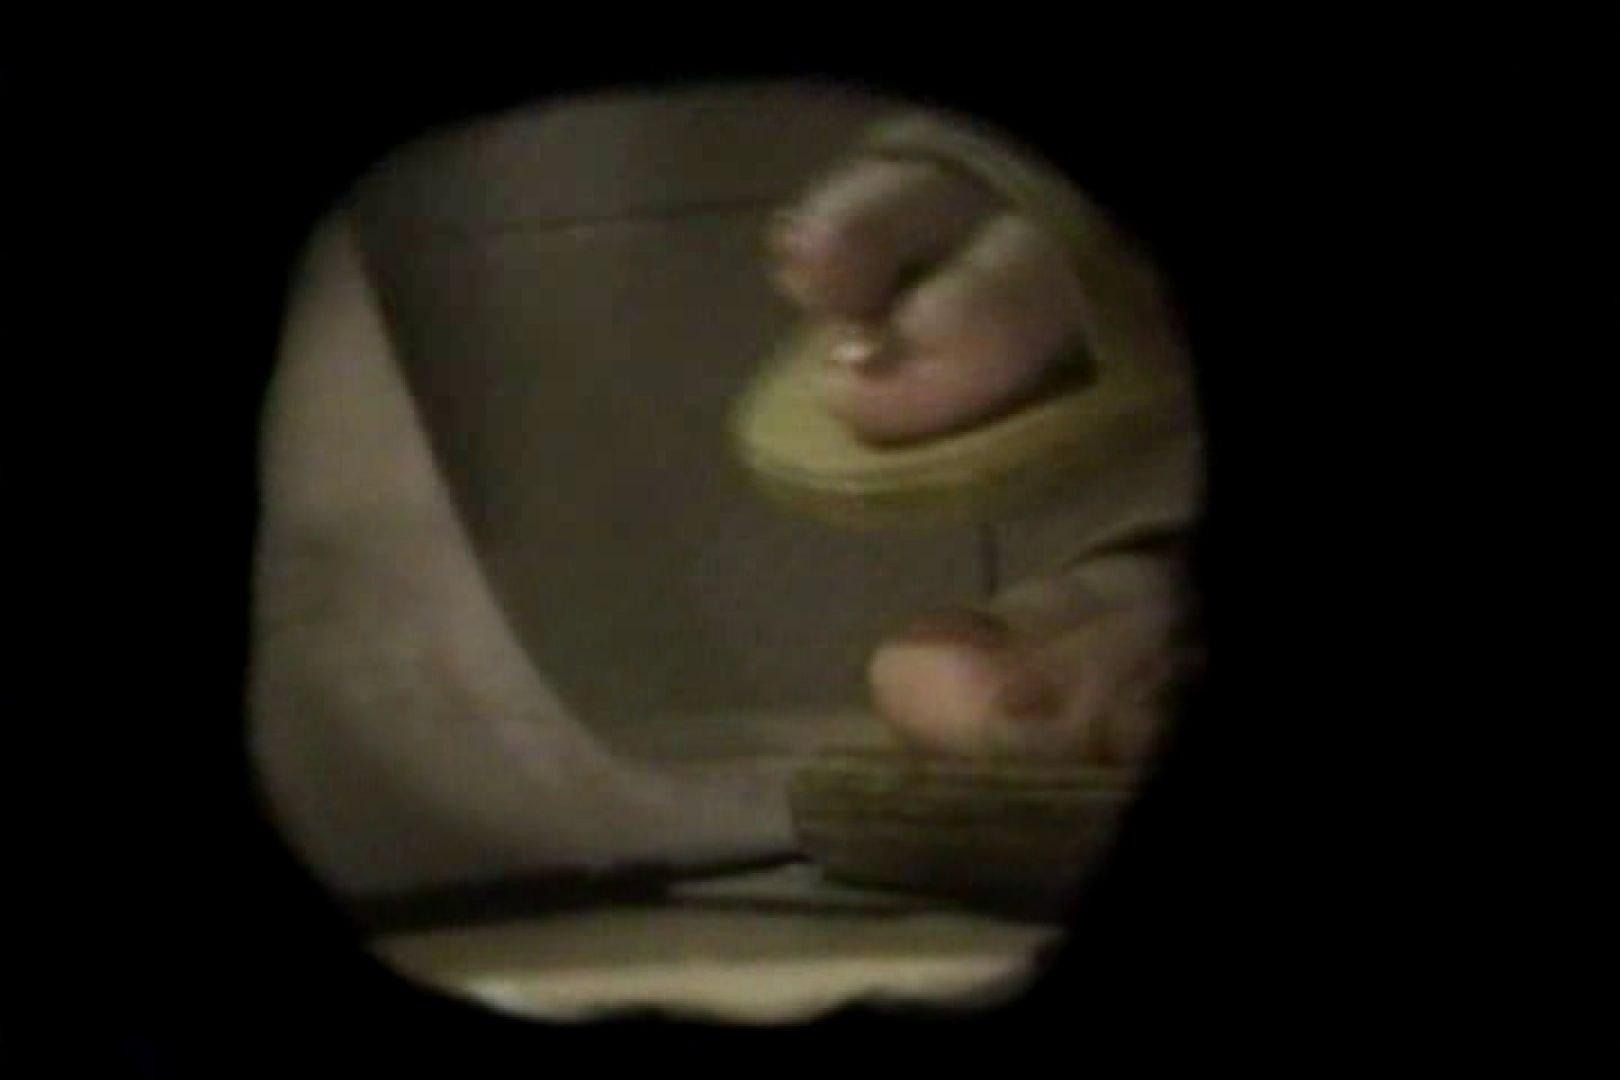 盗撮 女子洗面所3ヶ所入ってしゃがんで音出して ガールの盗撮 おめこ無修正動画無料 82枚